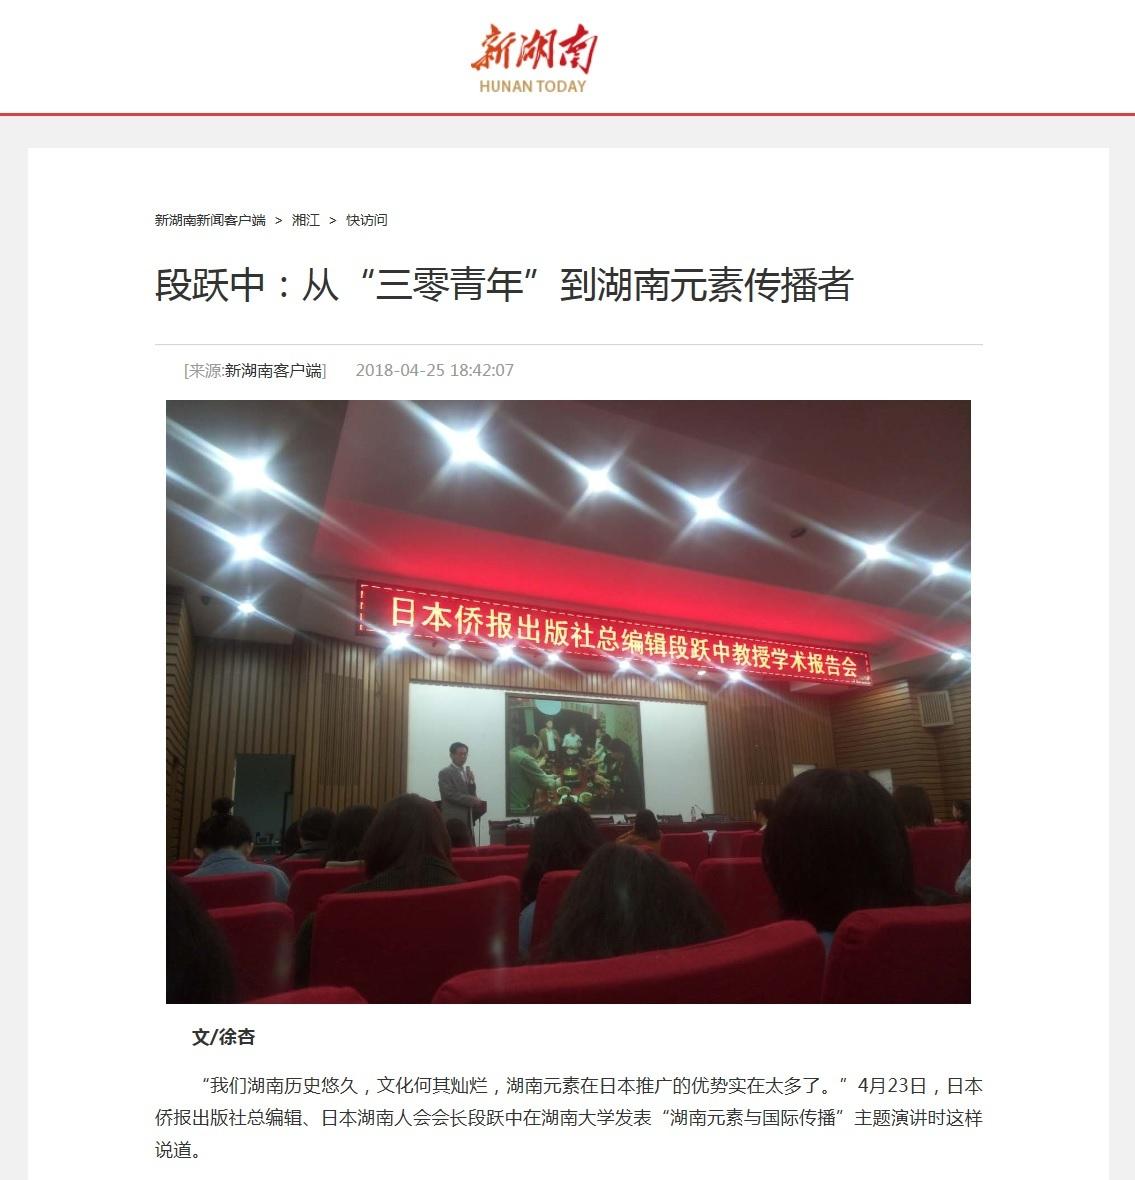 中国出張から帰国。故郷の媒体「新湖南」の取材を受けました_d0027795_09040860.jpg